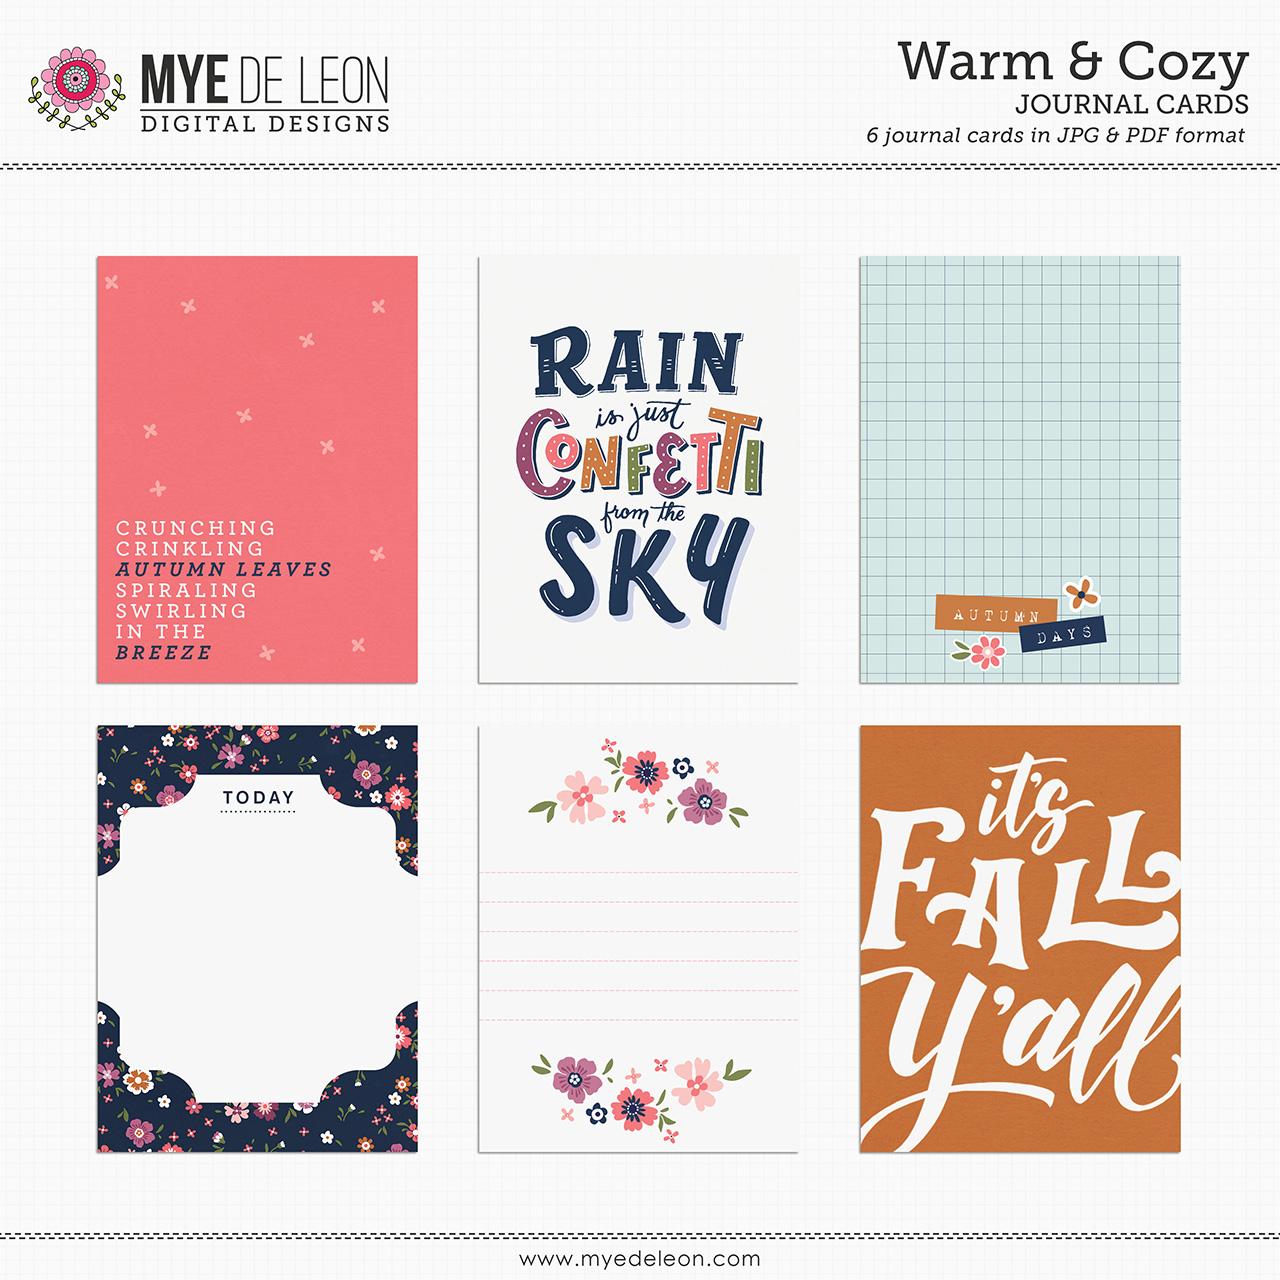 Warm & Cozy   Journal Cards